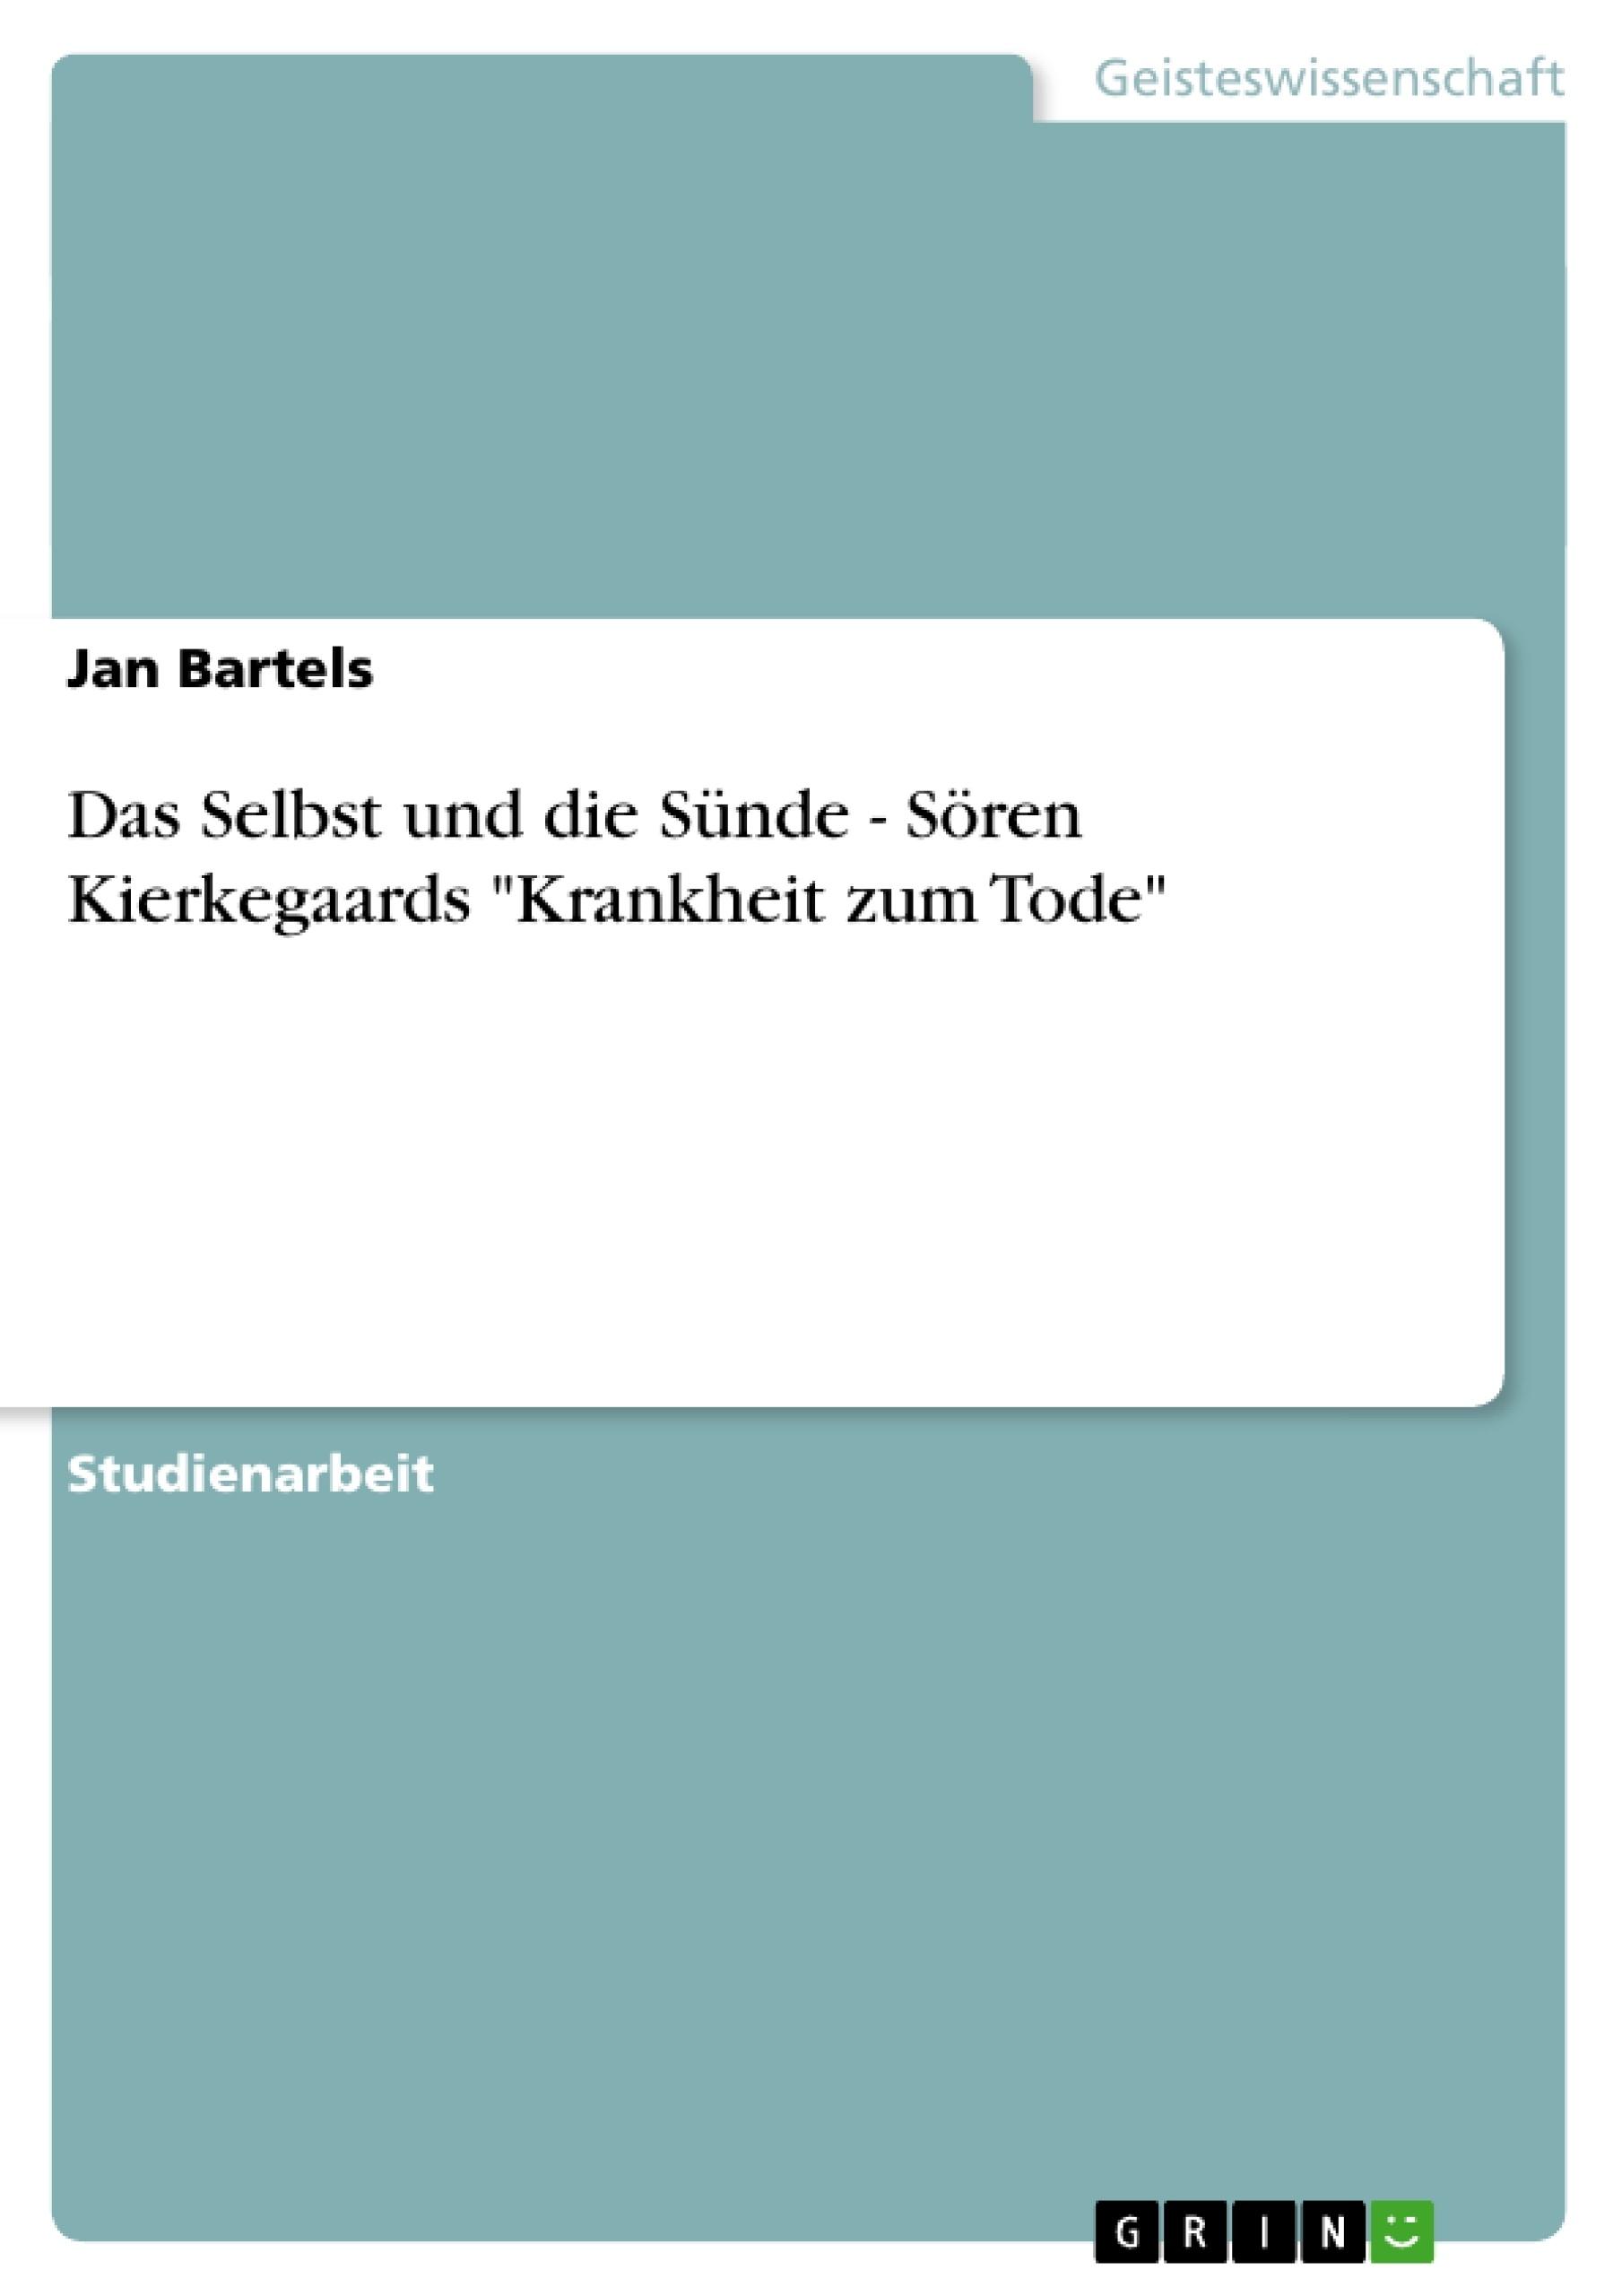 """Titel: Das Selbst und die Sünde - Sören Kierkegaards """"Krankheit zum Tode"""""""